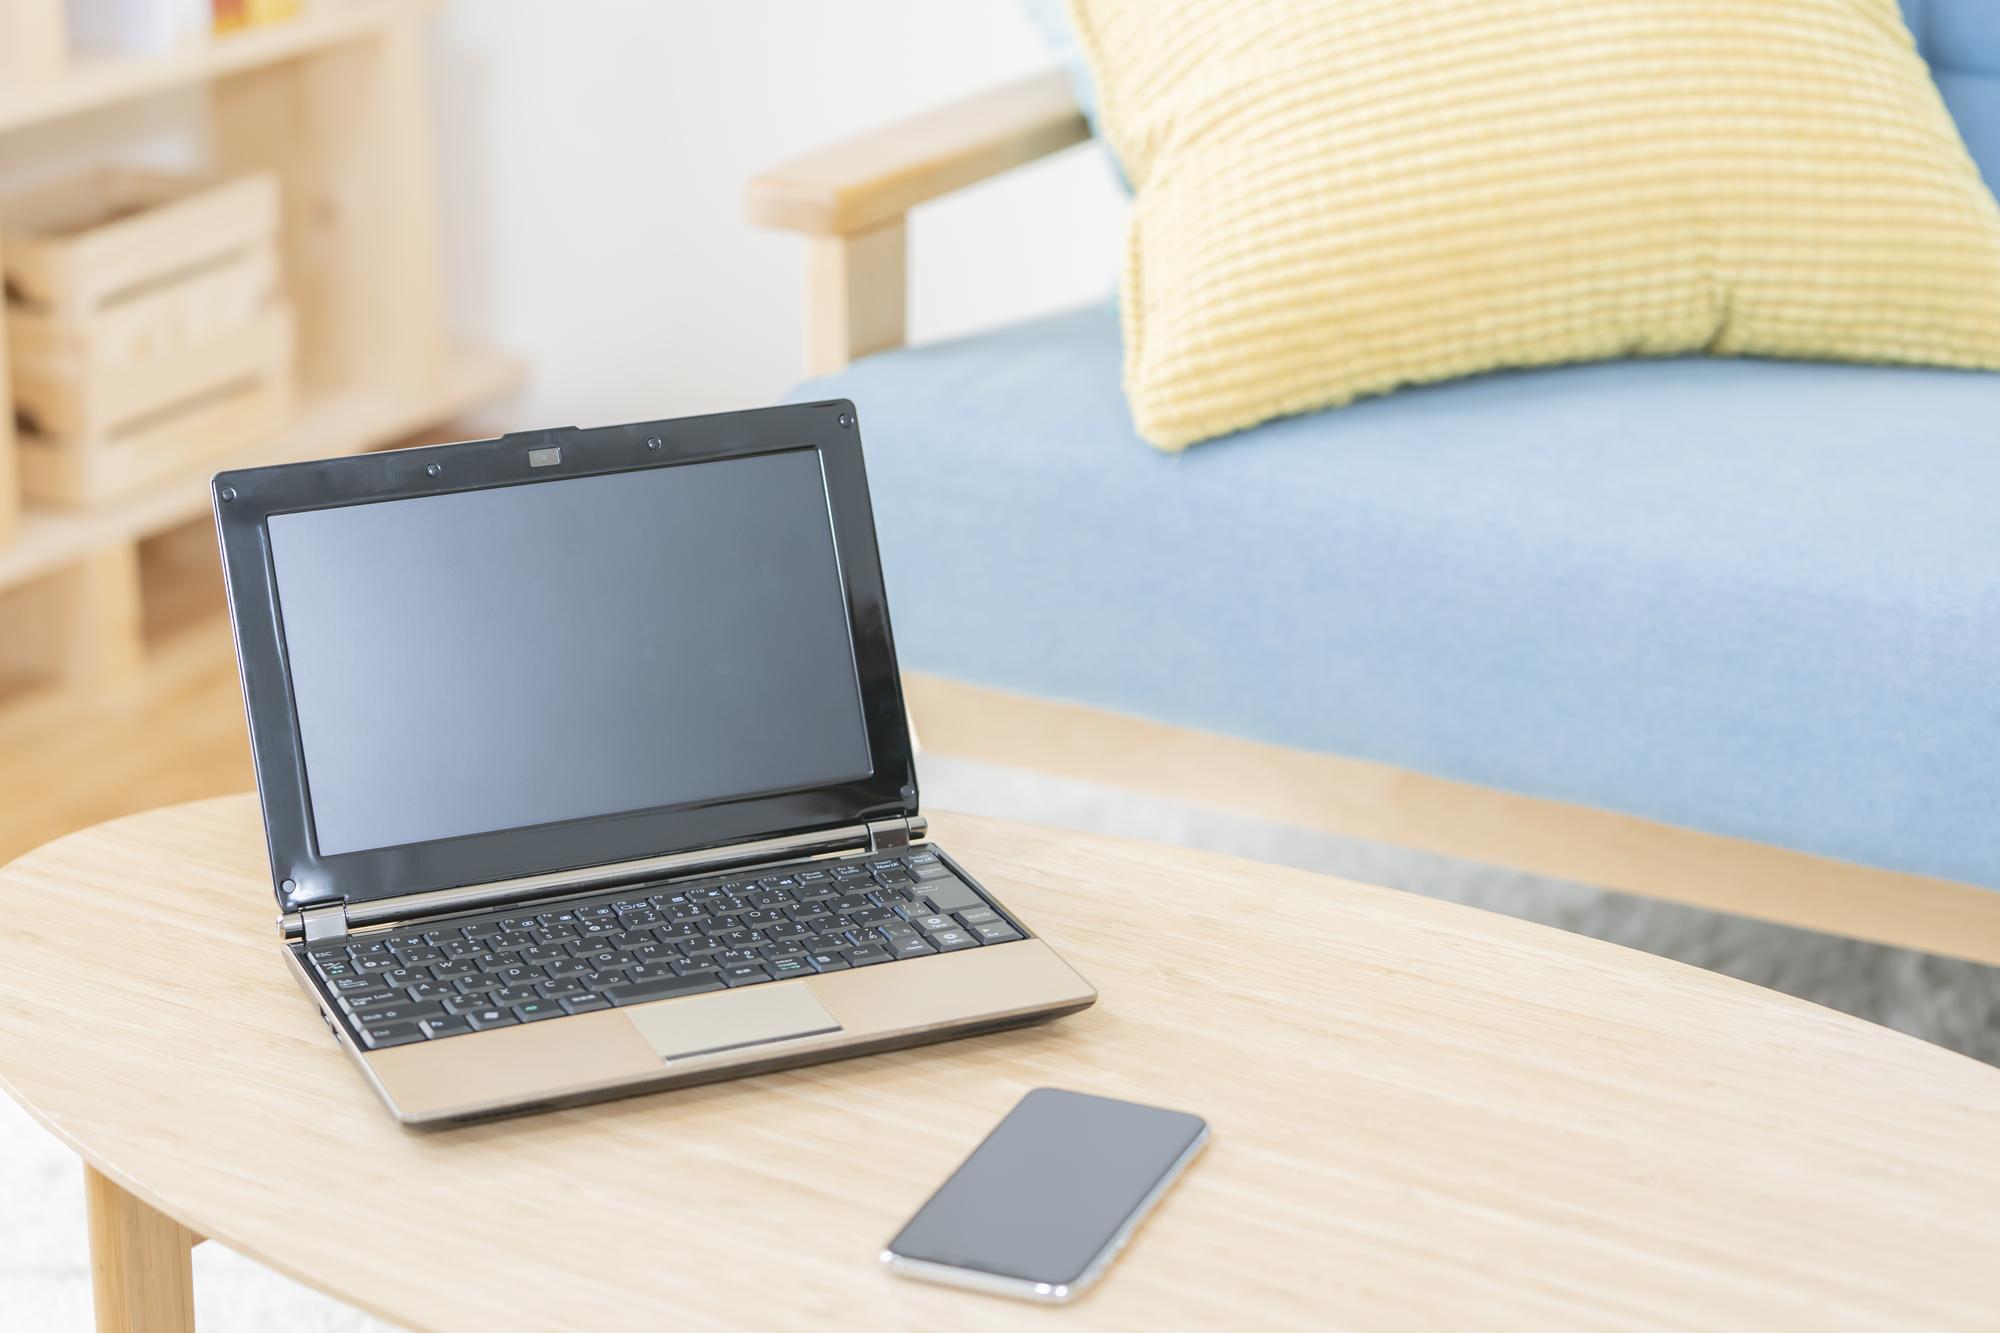 リビングにあるノートパソコン